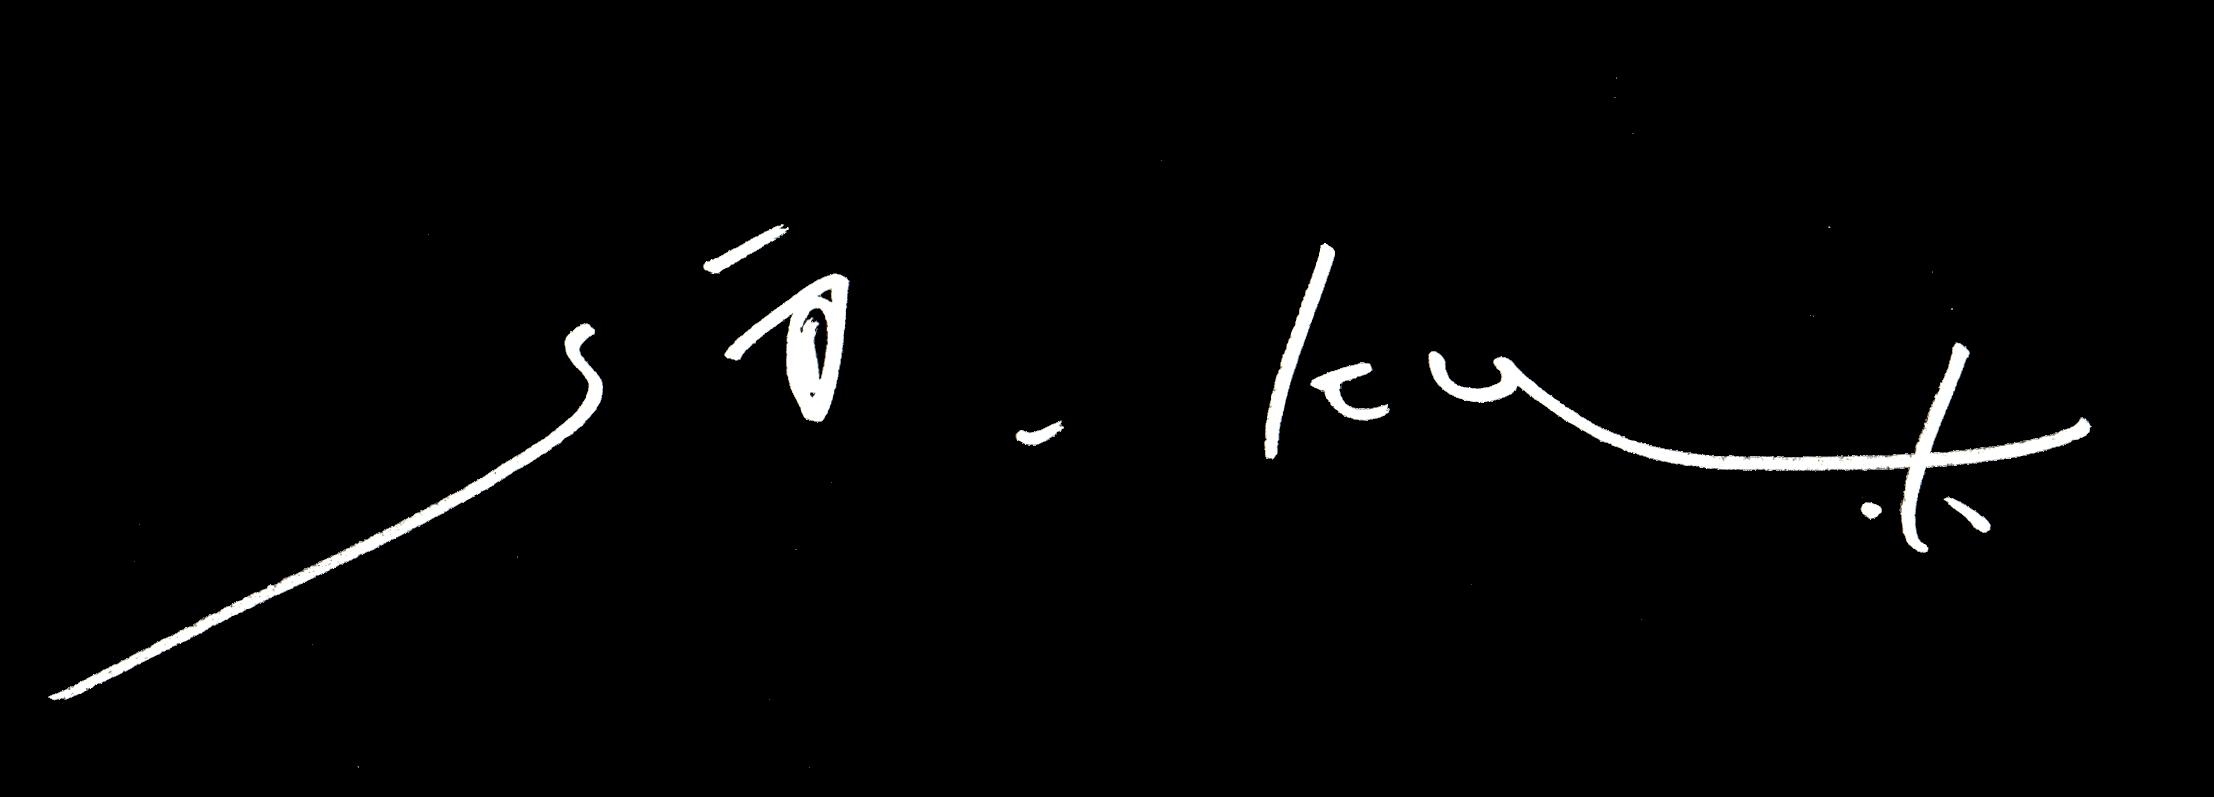 黄菊しーく / si_ku.k